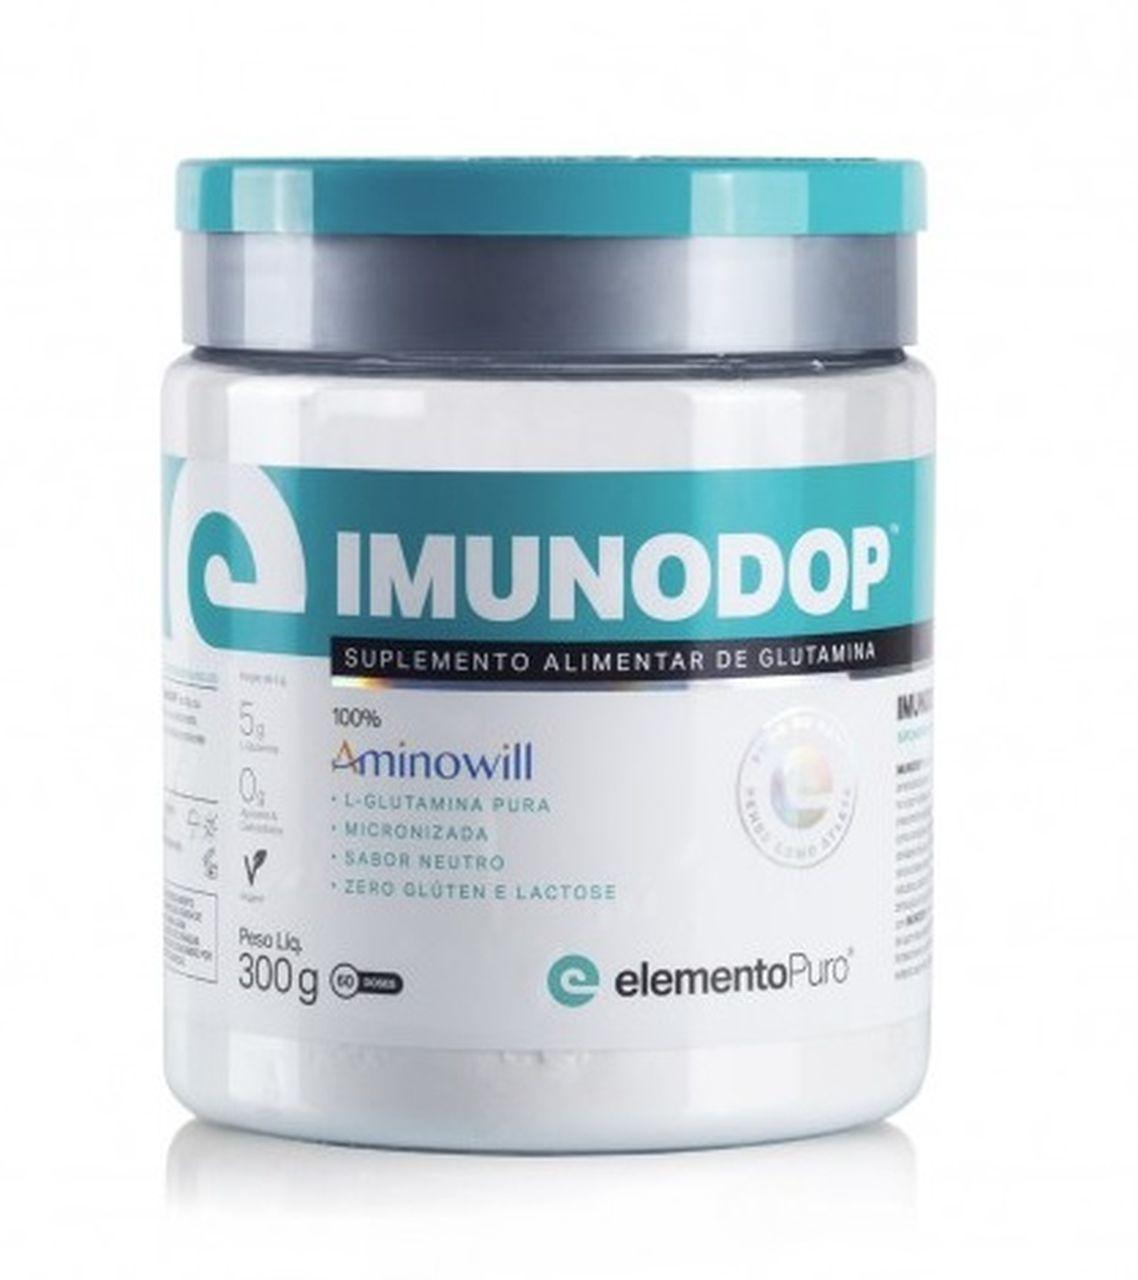 Imunodop Glutamina (300g) - Elemento Puro